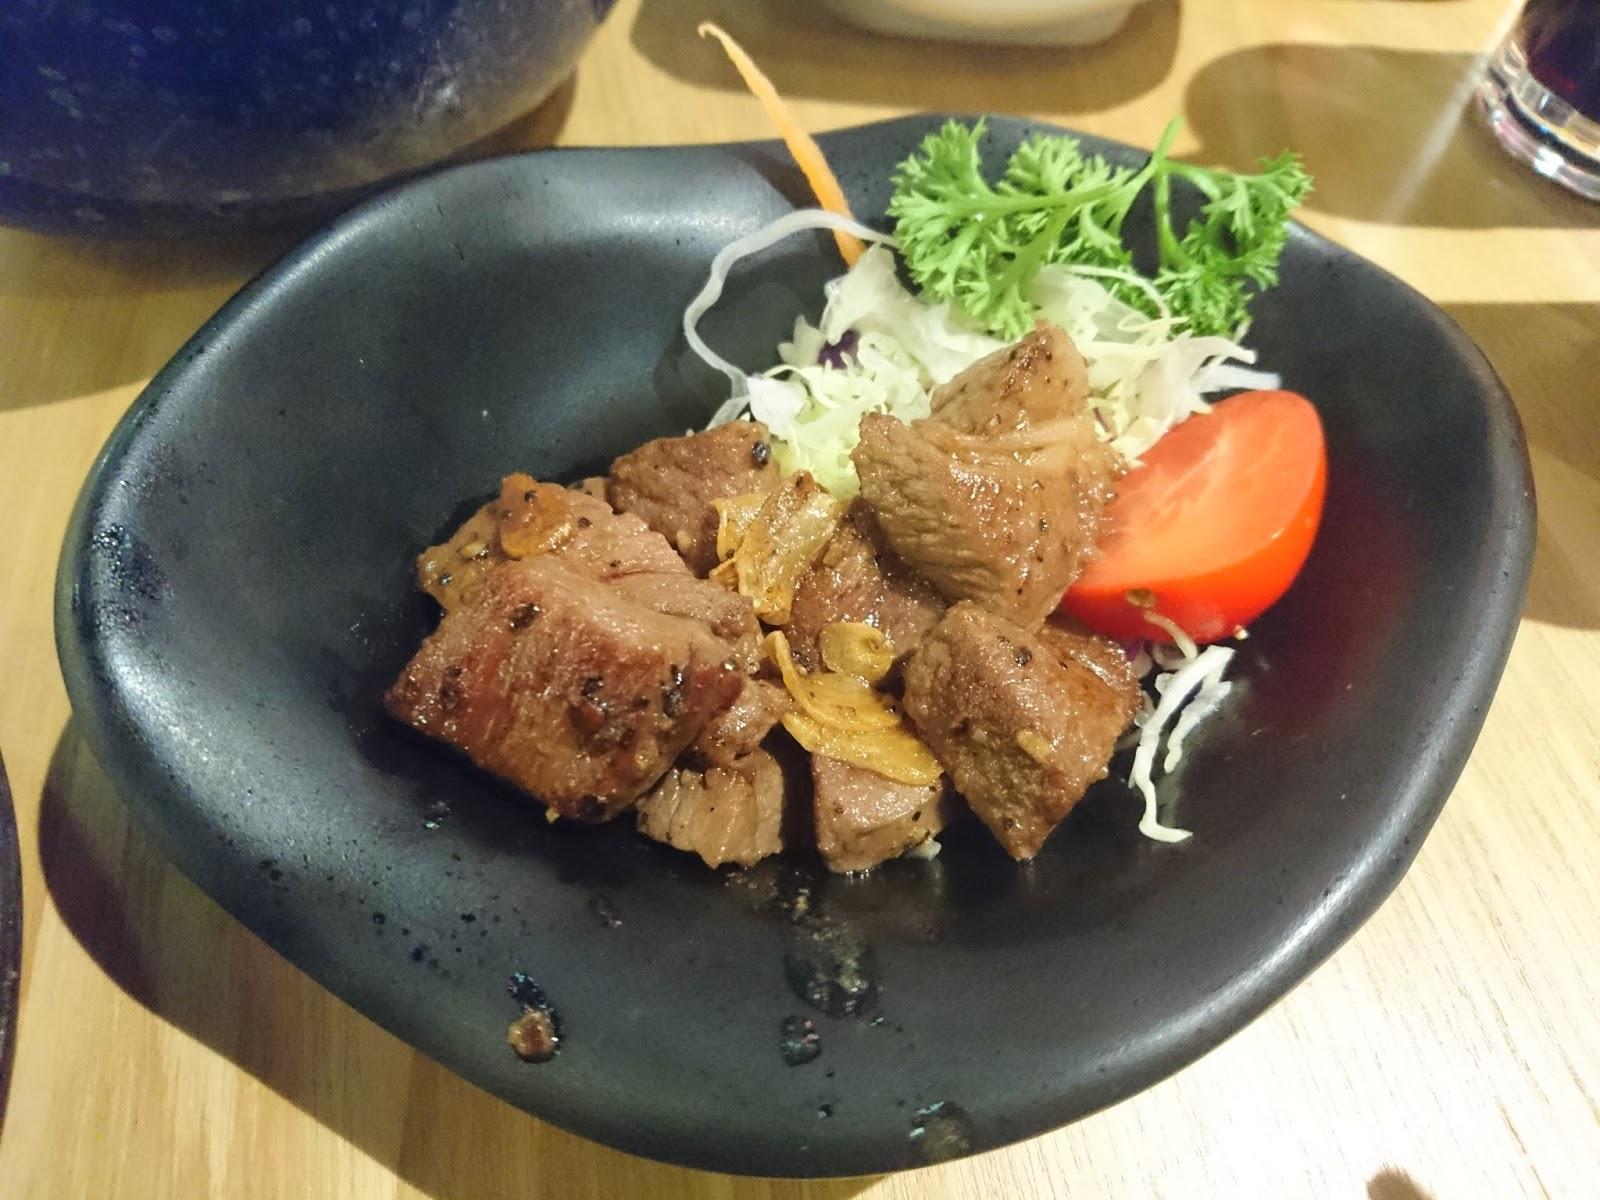 觀塘OPC日式放題大比併@御前大江戶日式料理/大滿屋日本料理 - - SeeWide